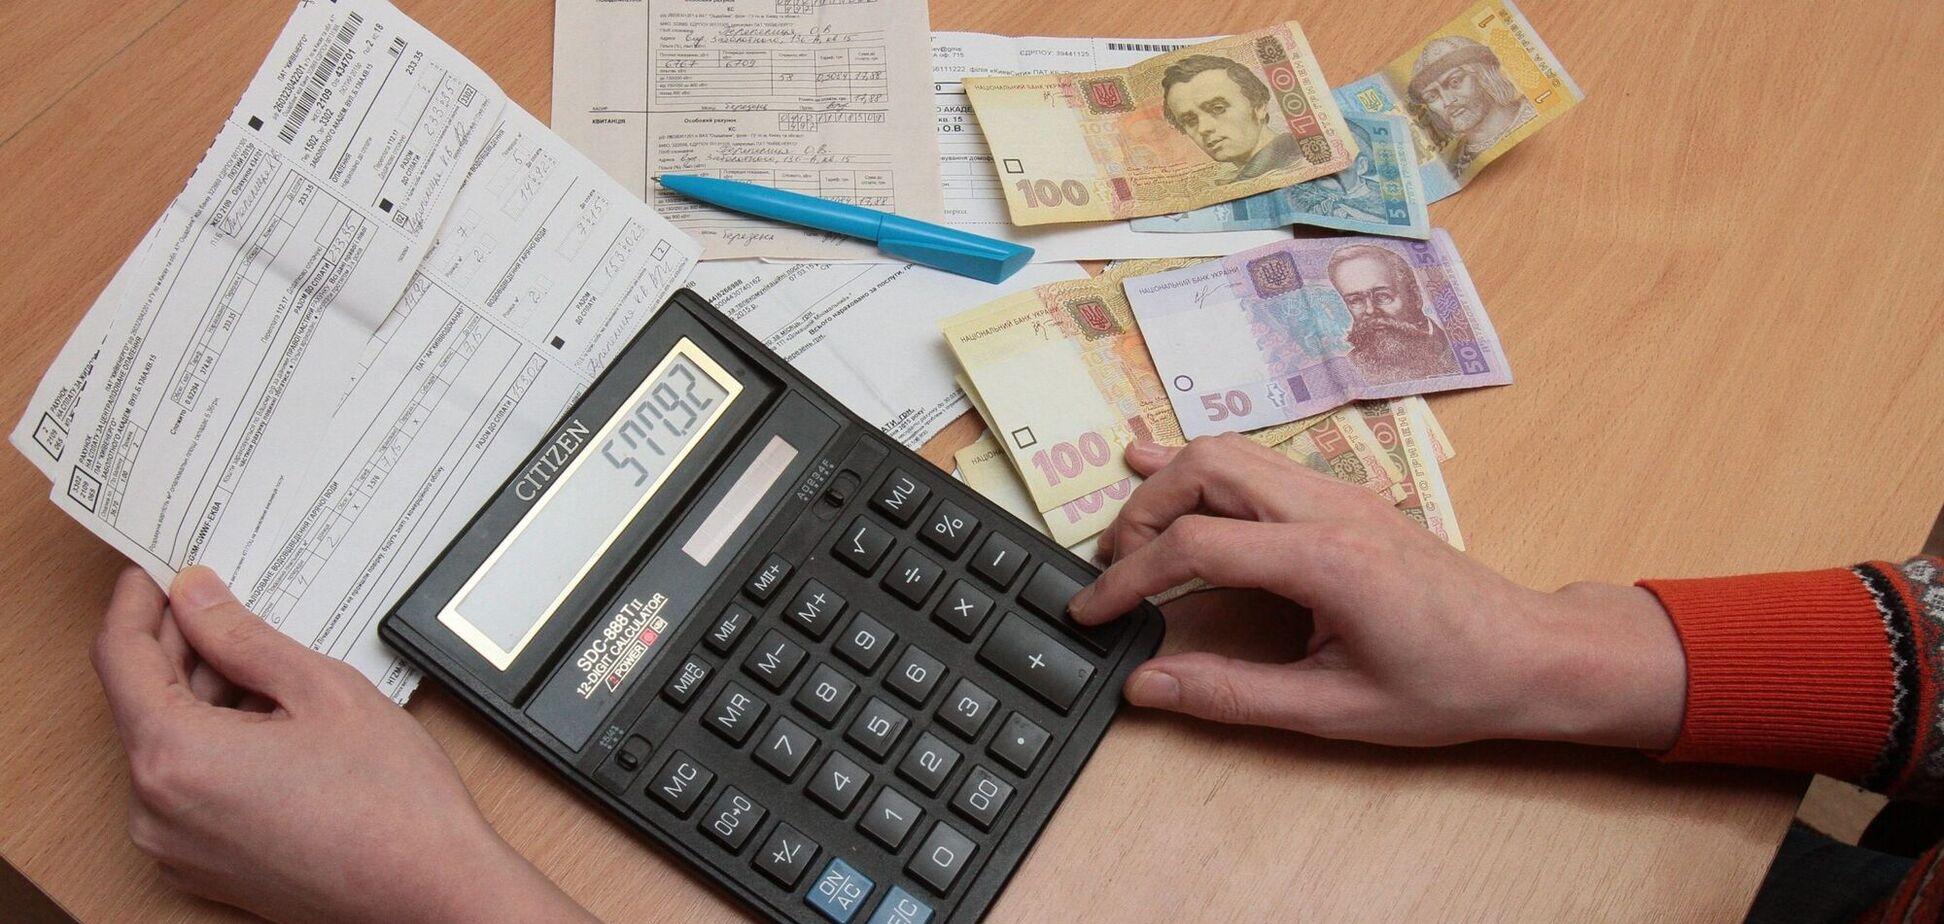 В Украине могут изменить правила платежей и денежных переводов